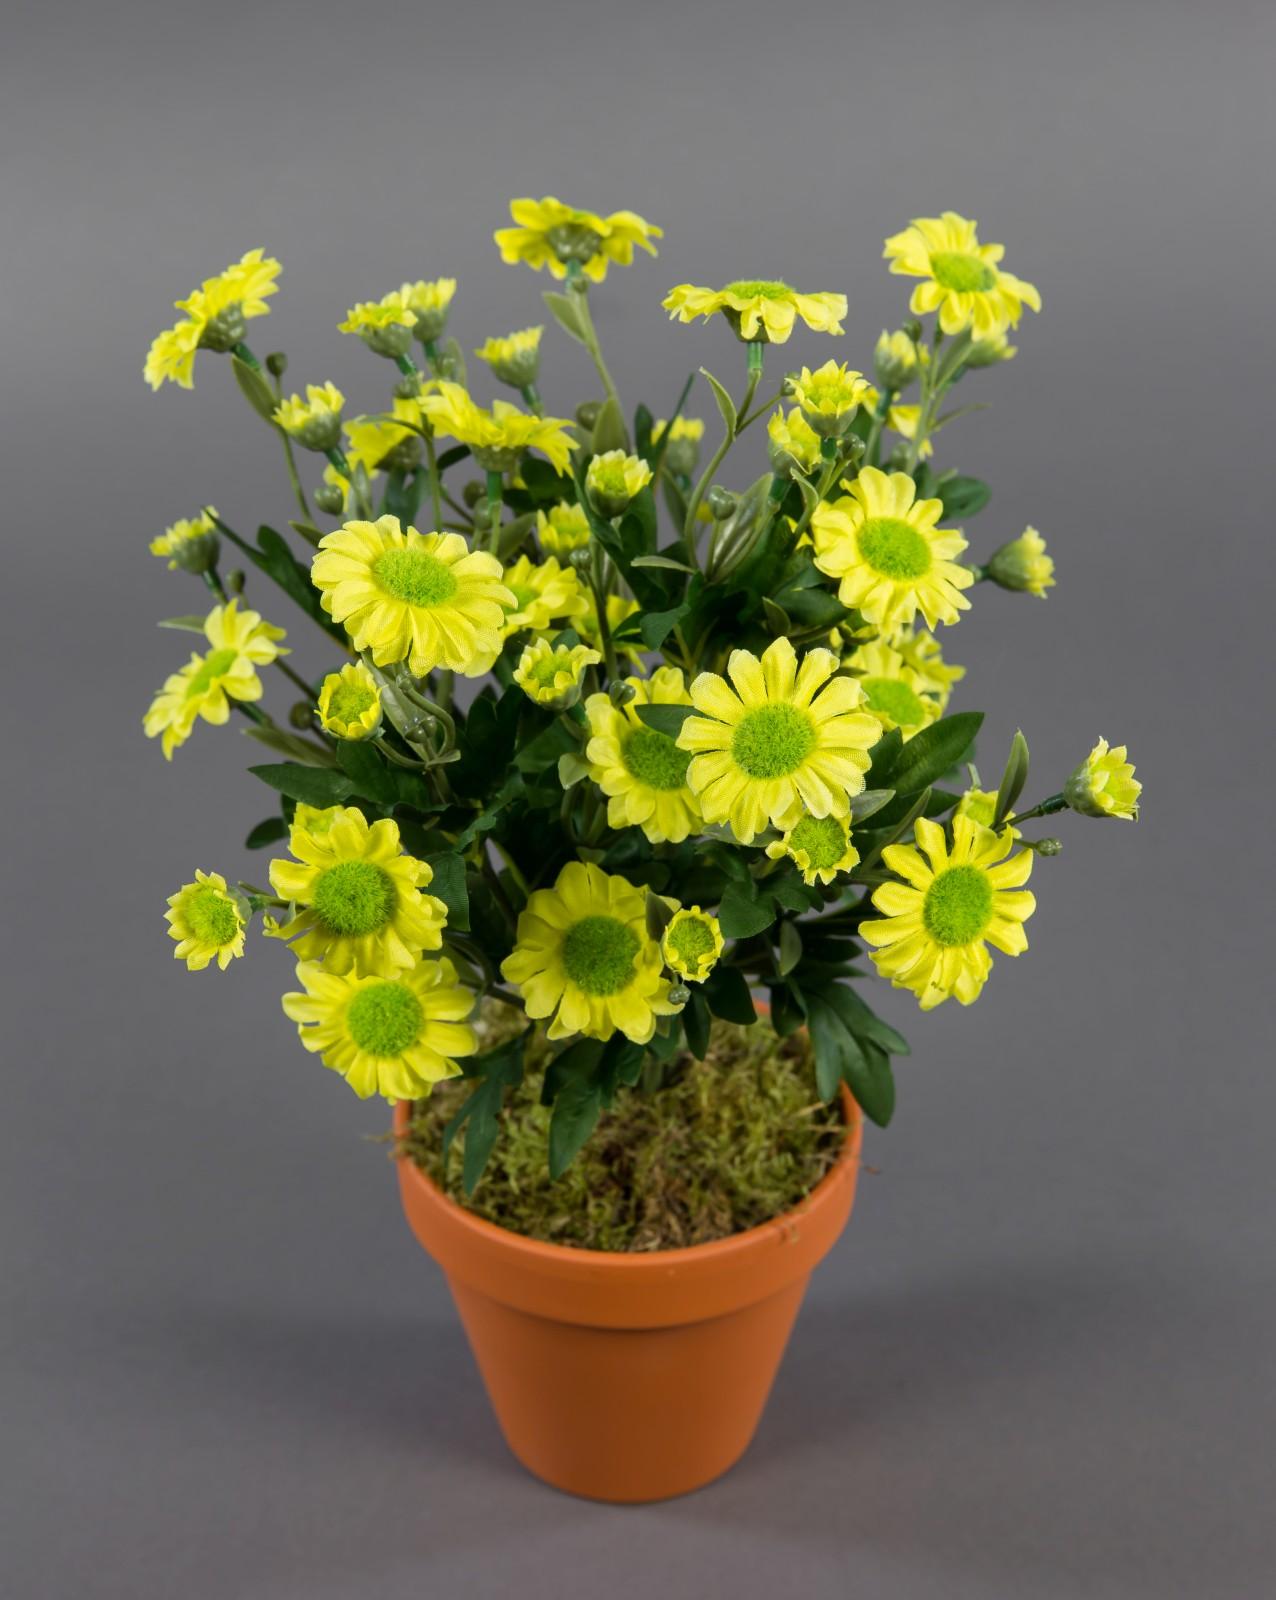 margeritenbusch 32cm gelb im topf zf kunstpflanzen k nstliche margerite pflanze blumen kunstblu. Black Bedroom Furniture Sets. Home Design Ideas